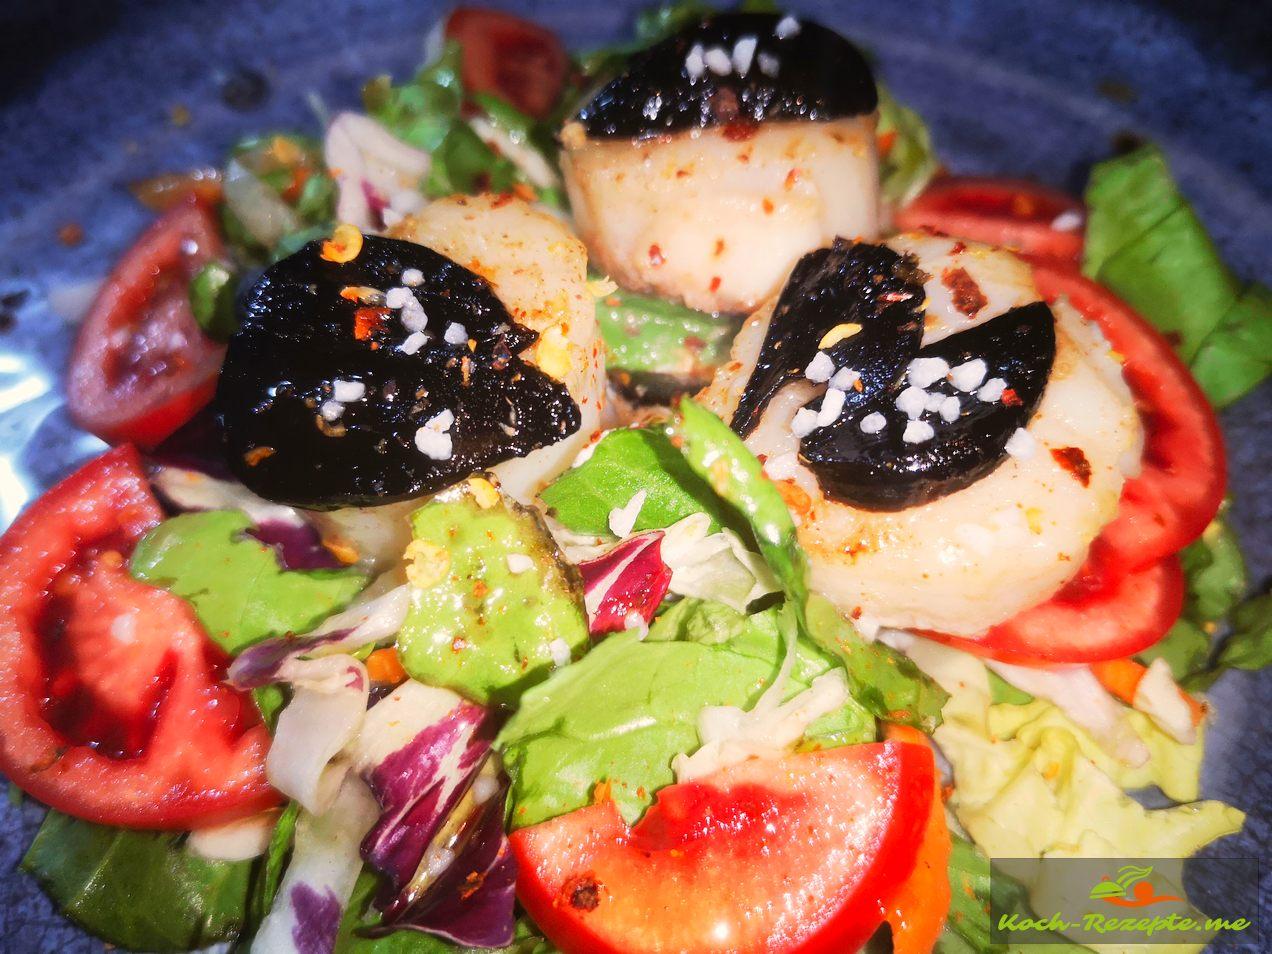 gebratenen Jakobsmuscheln und Schwarzem Knoblauch auf gemischtem Salat